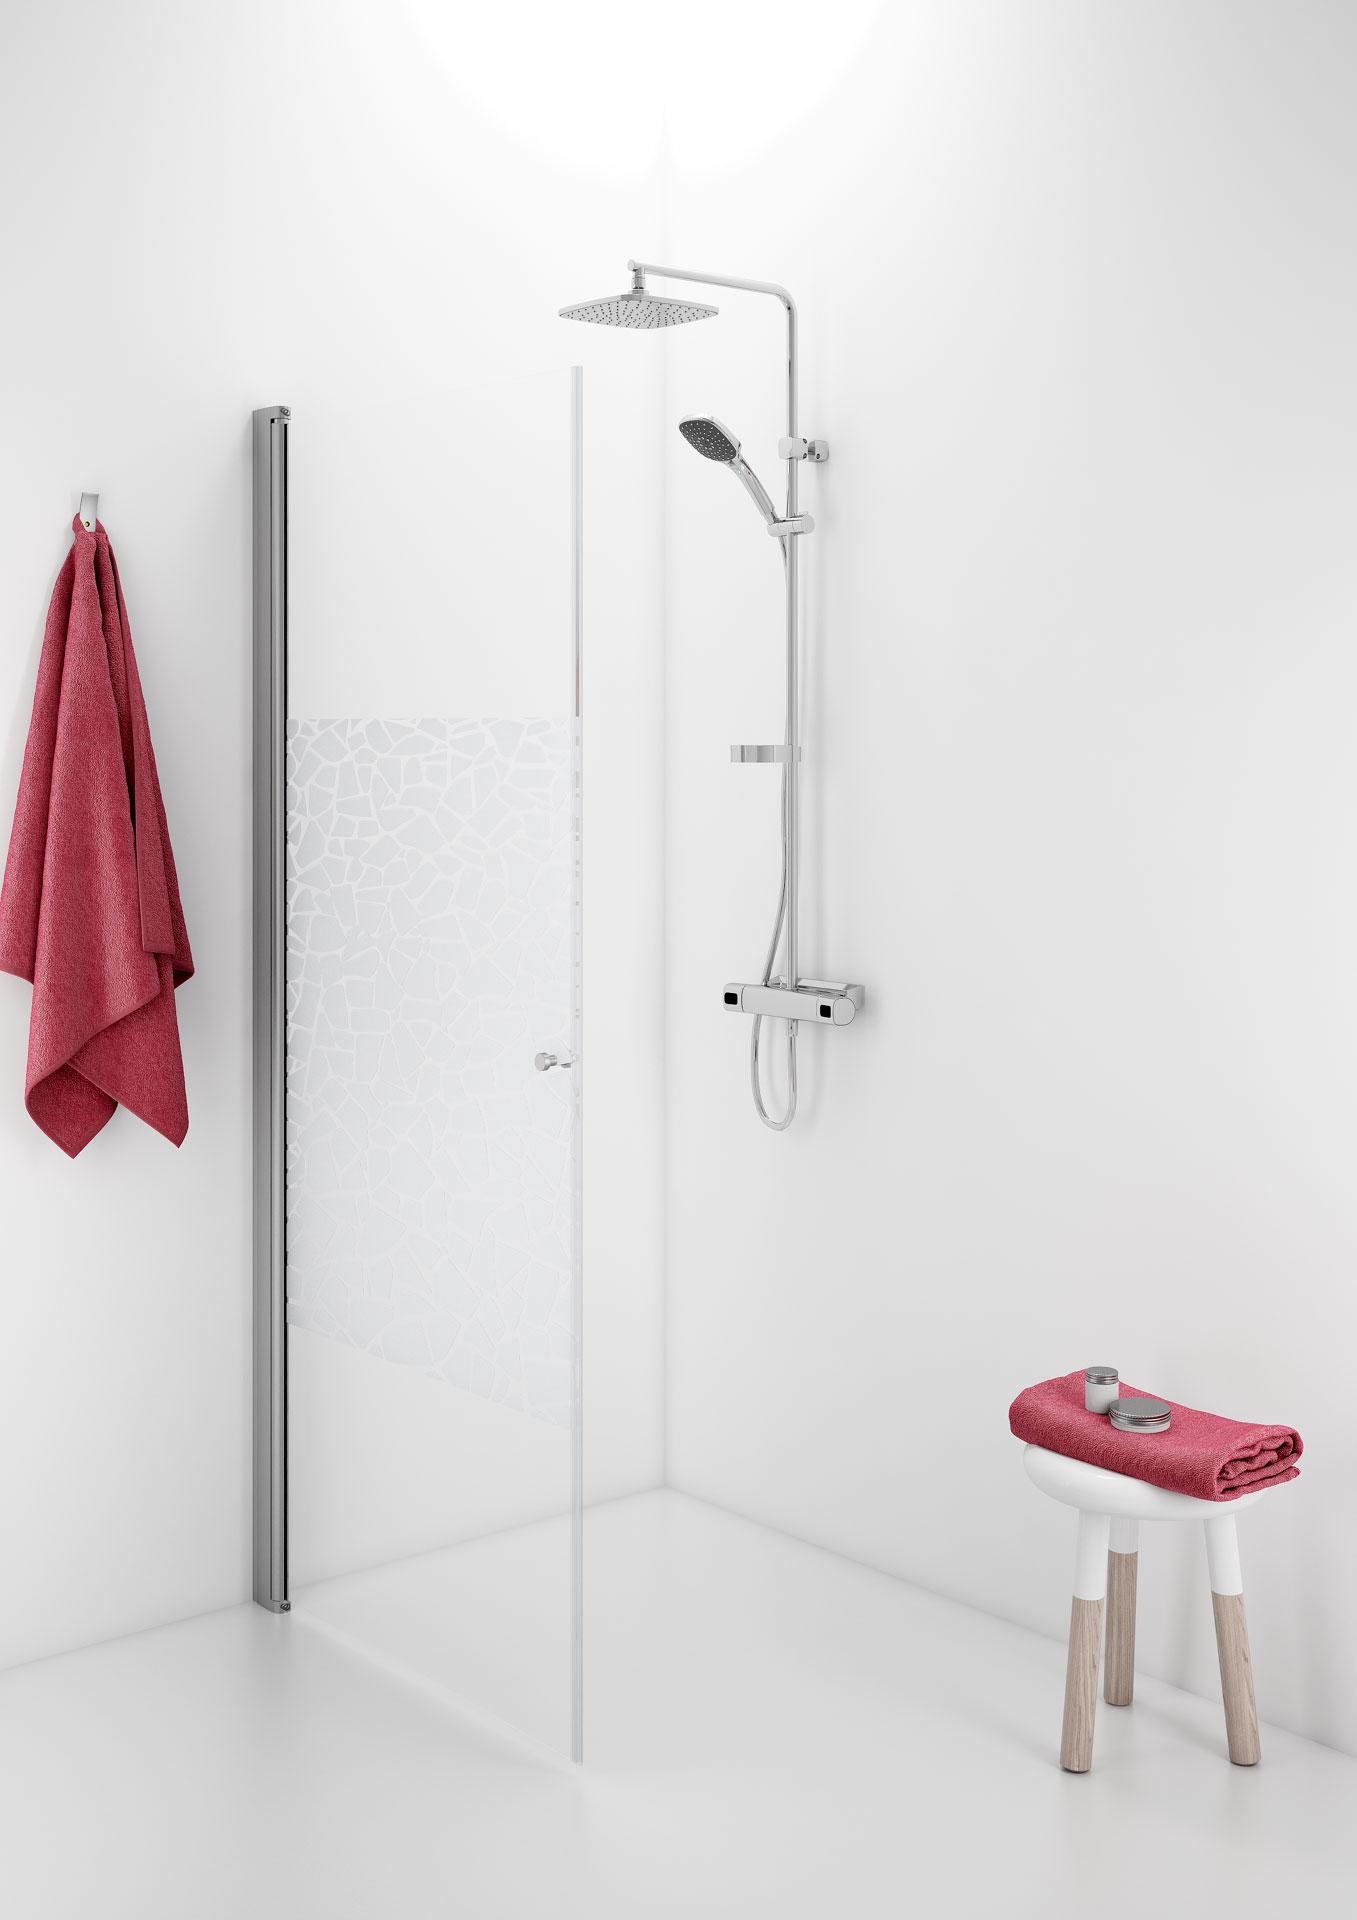 Suora suihkuovi, joka avautuu molempiin suuntiin ja voidaan taittaa myös seinää vasten.